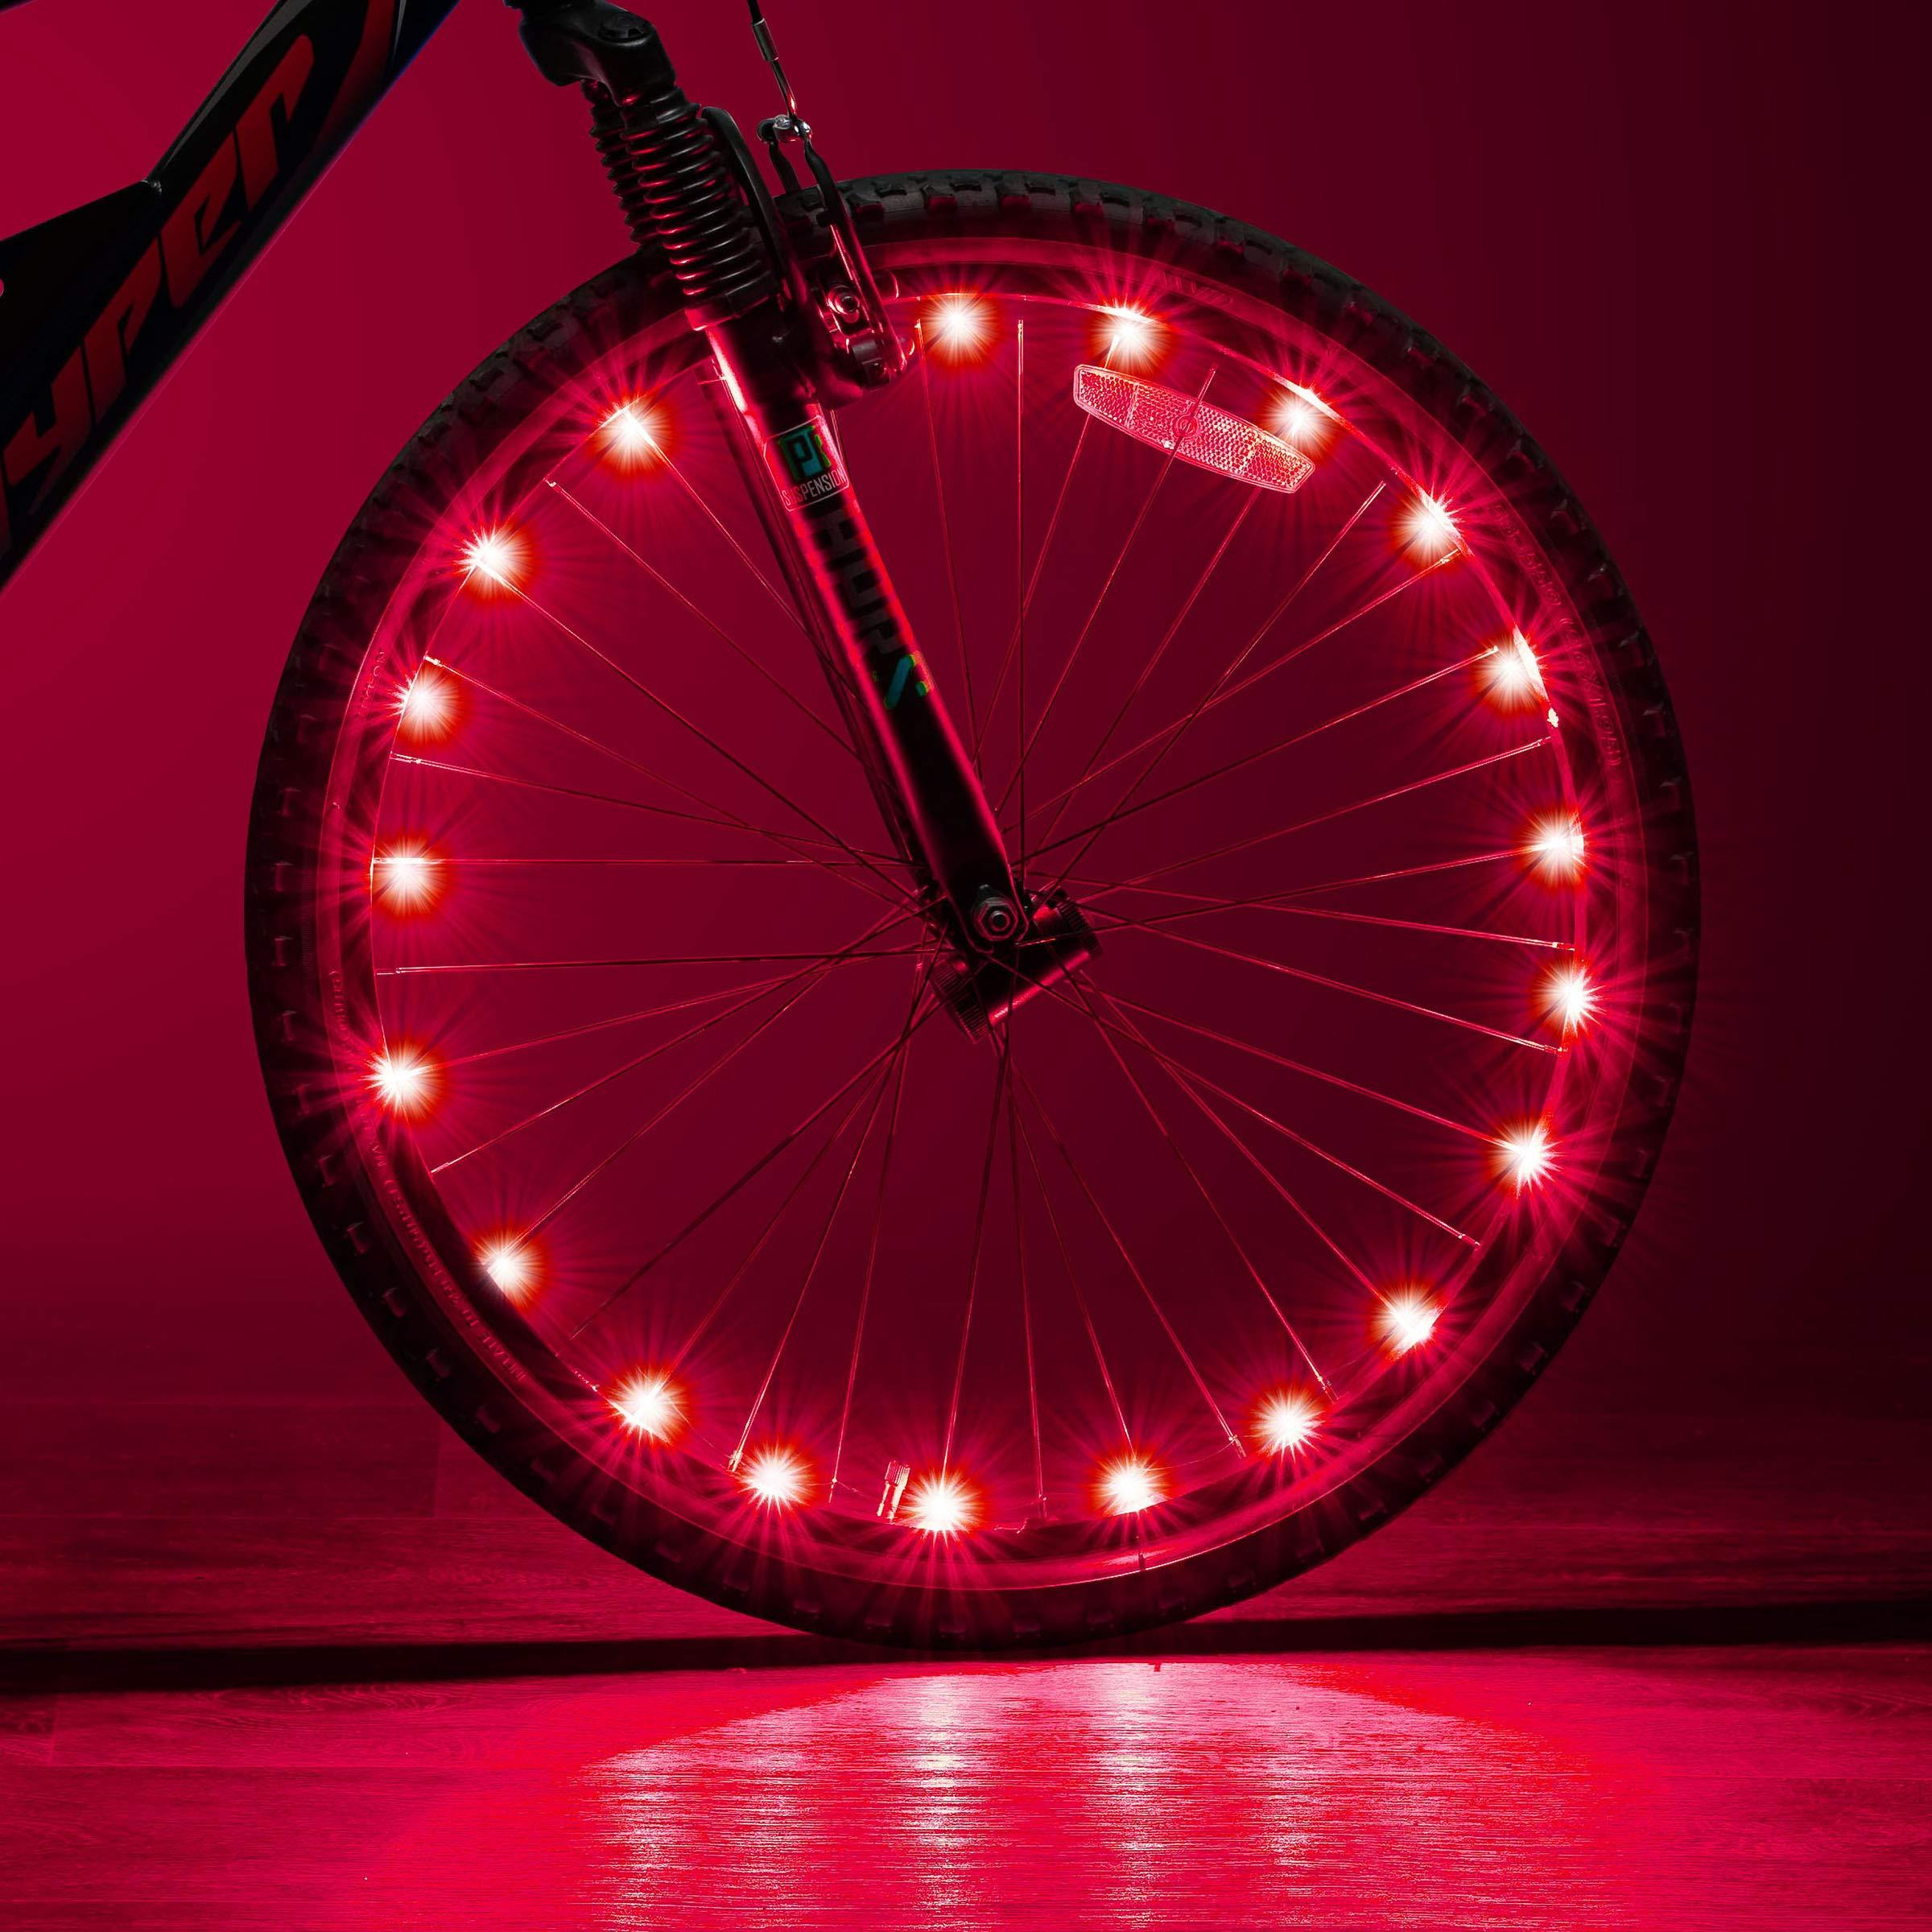 Bikes On Hikes - Juego de accesorios para bicicleta (5 unidades ...